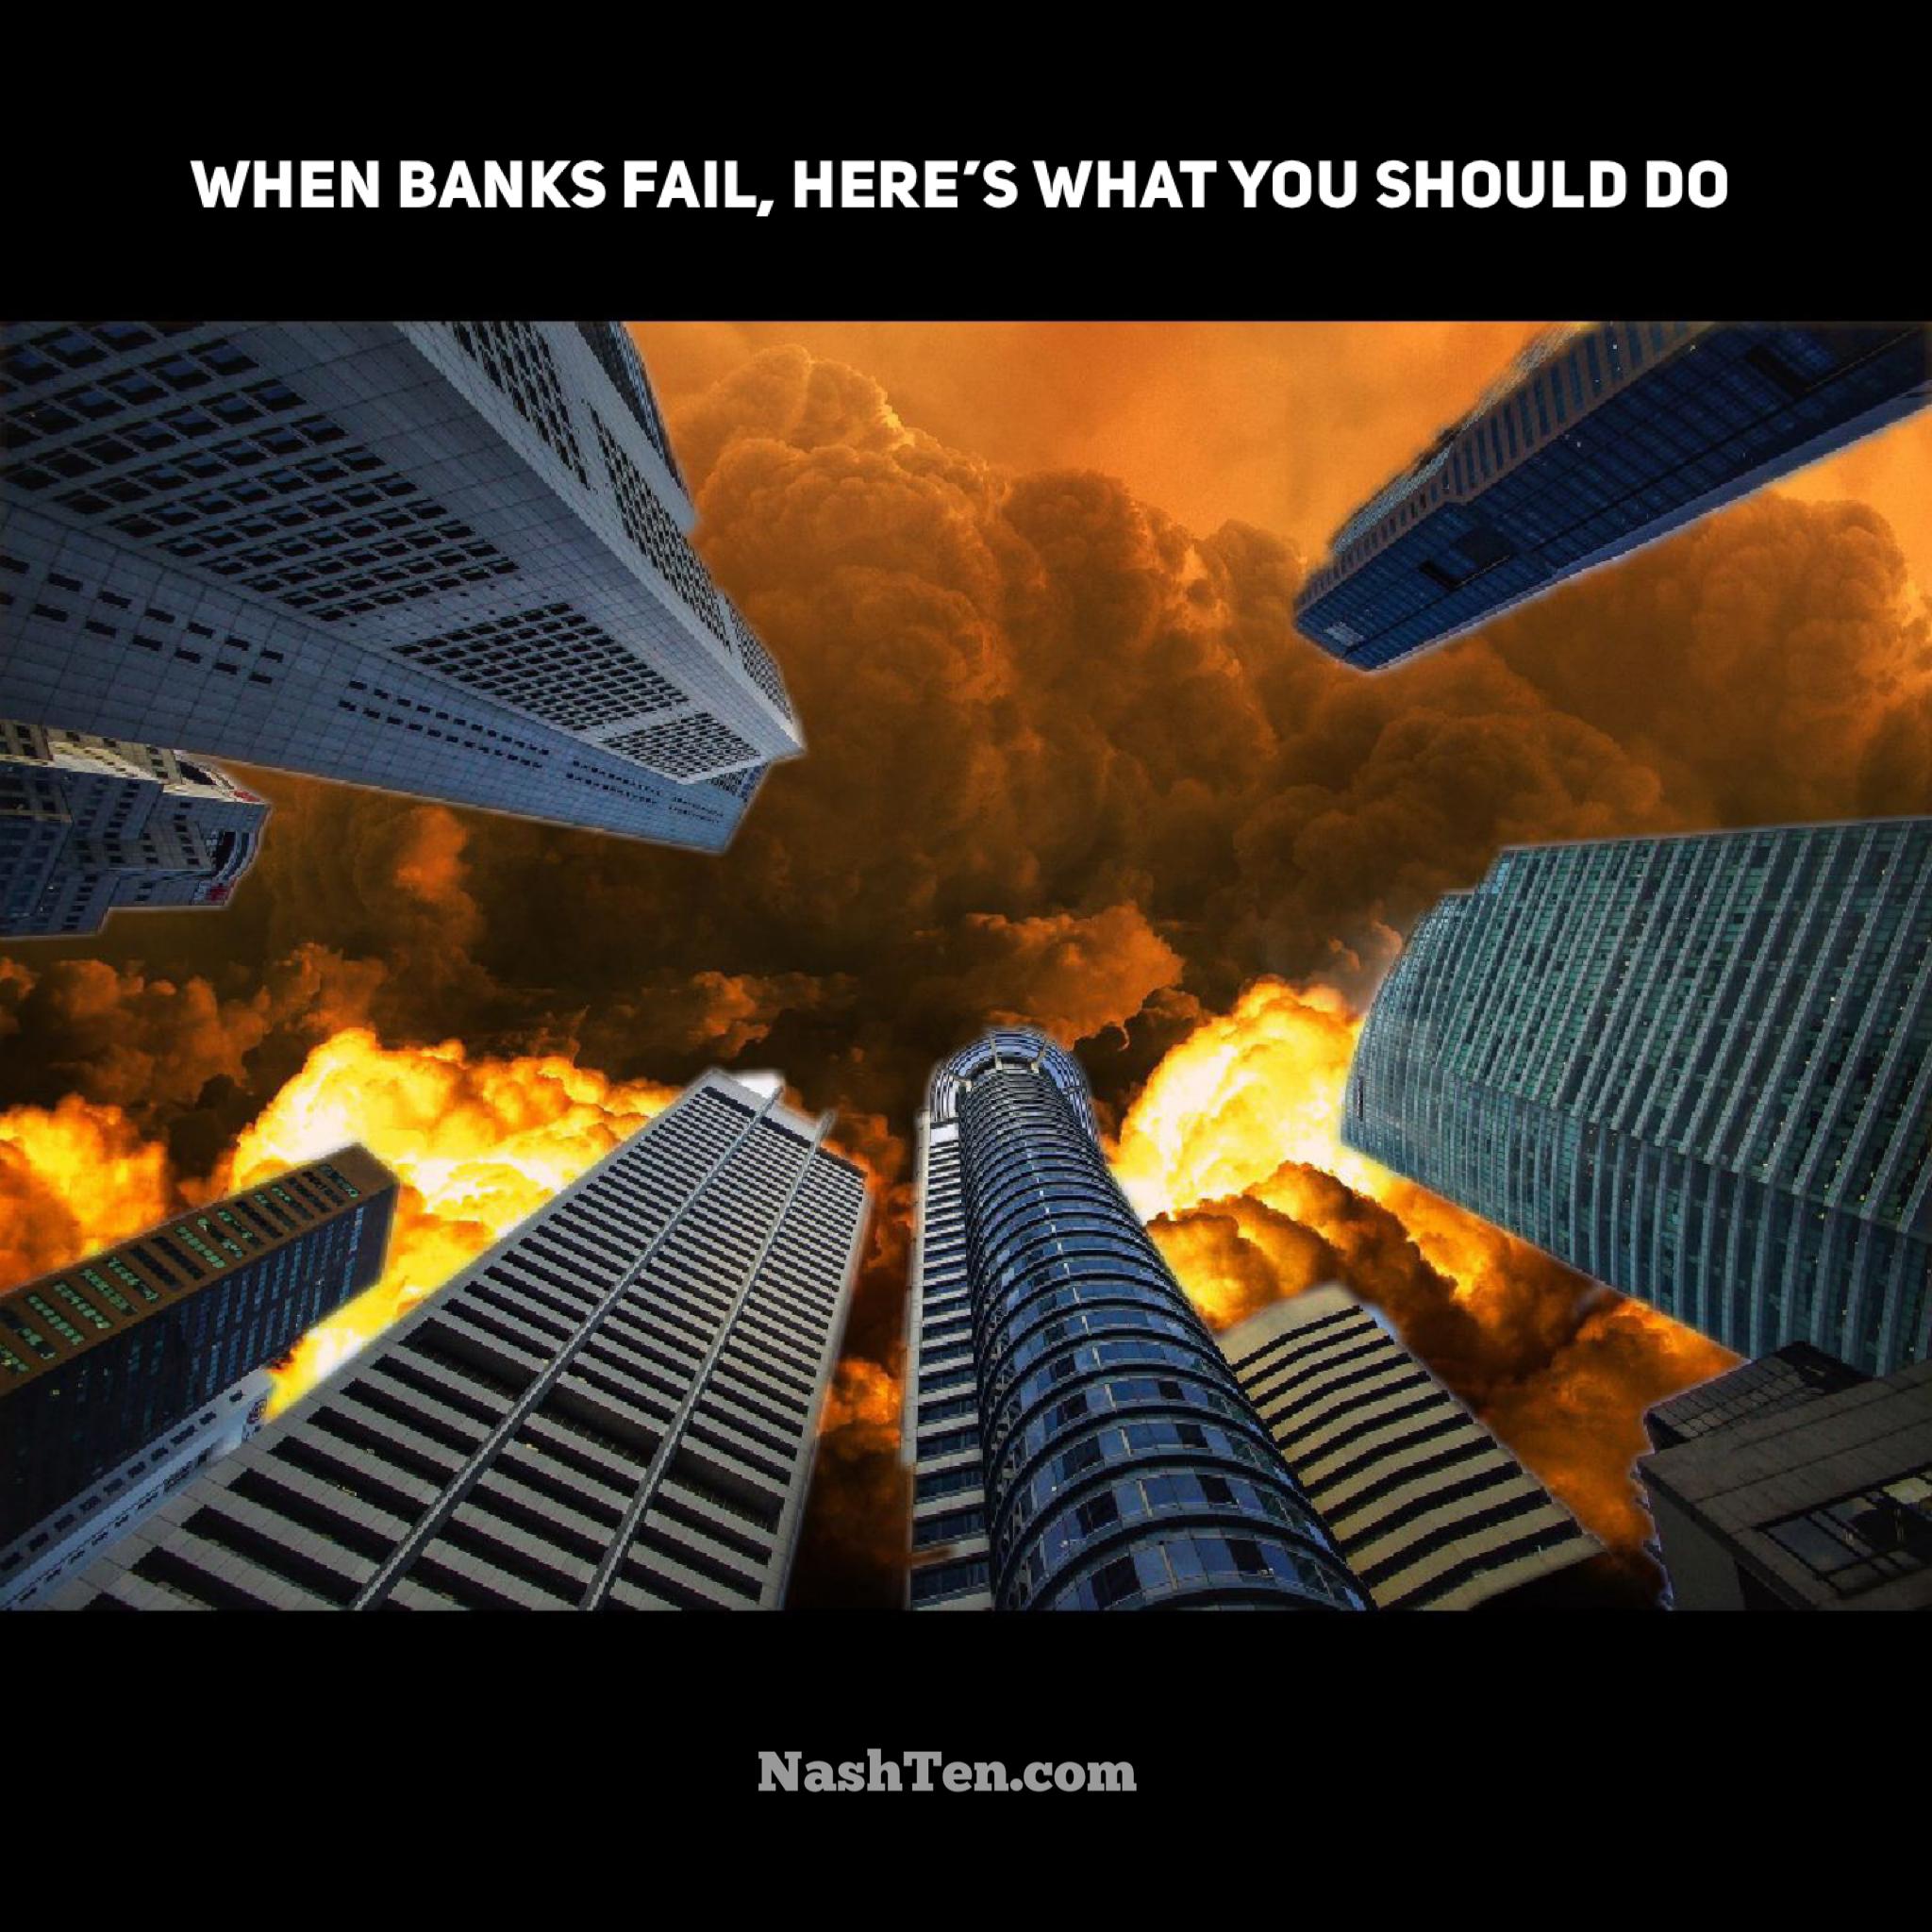 When lenders fail